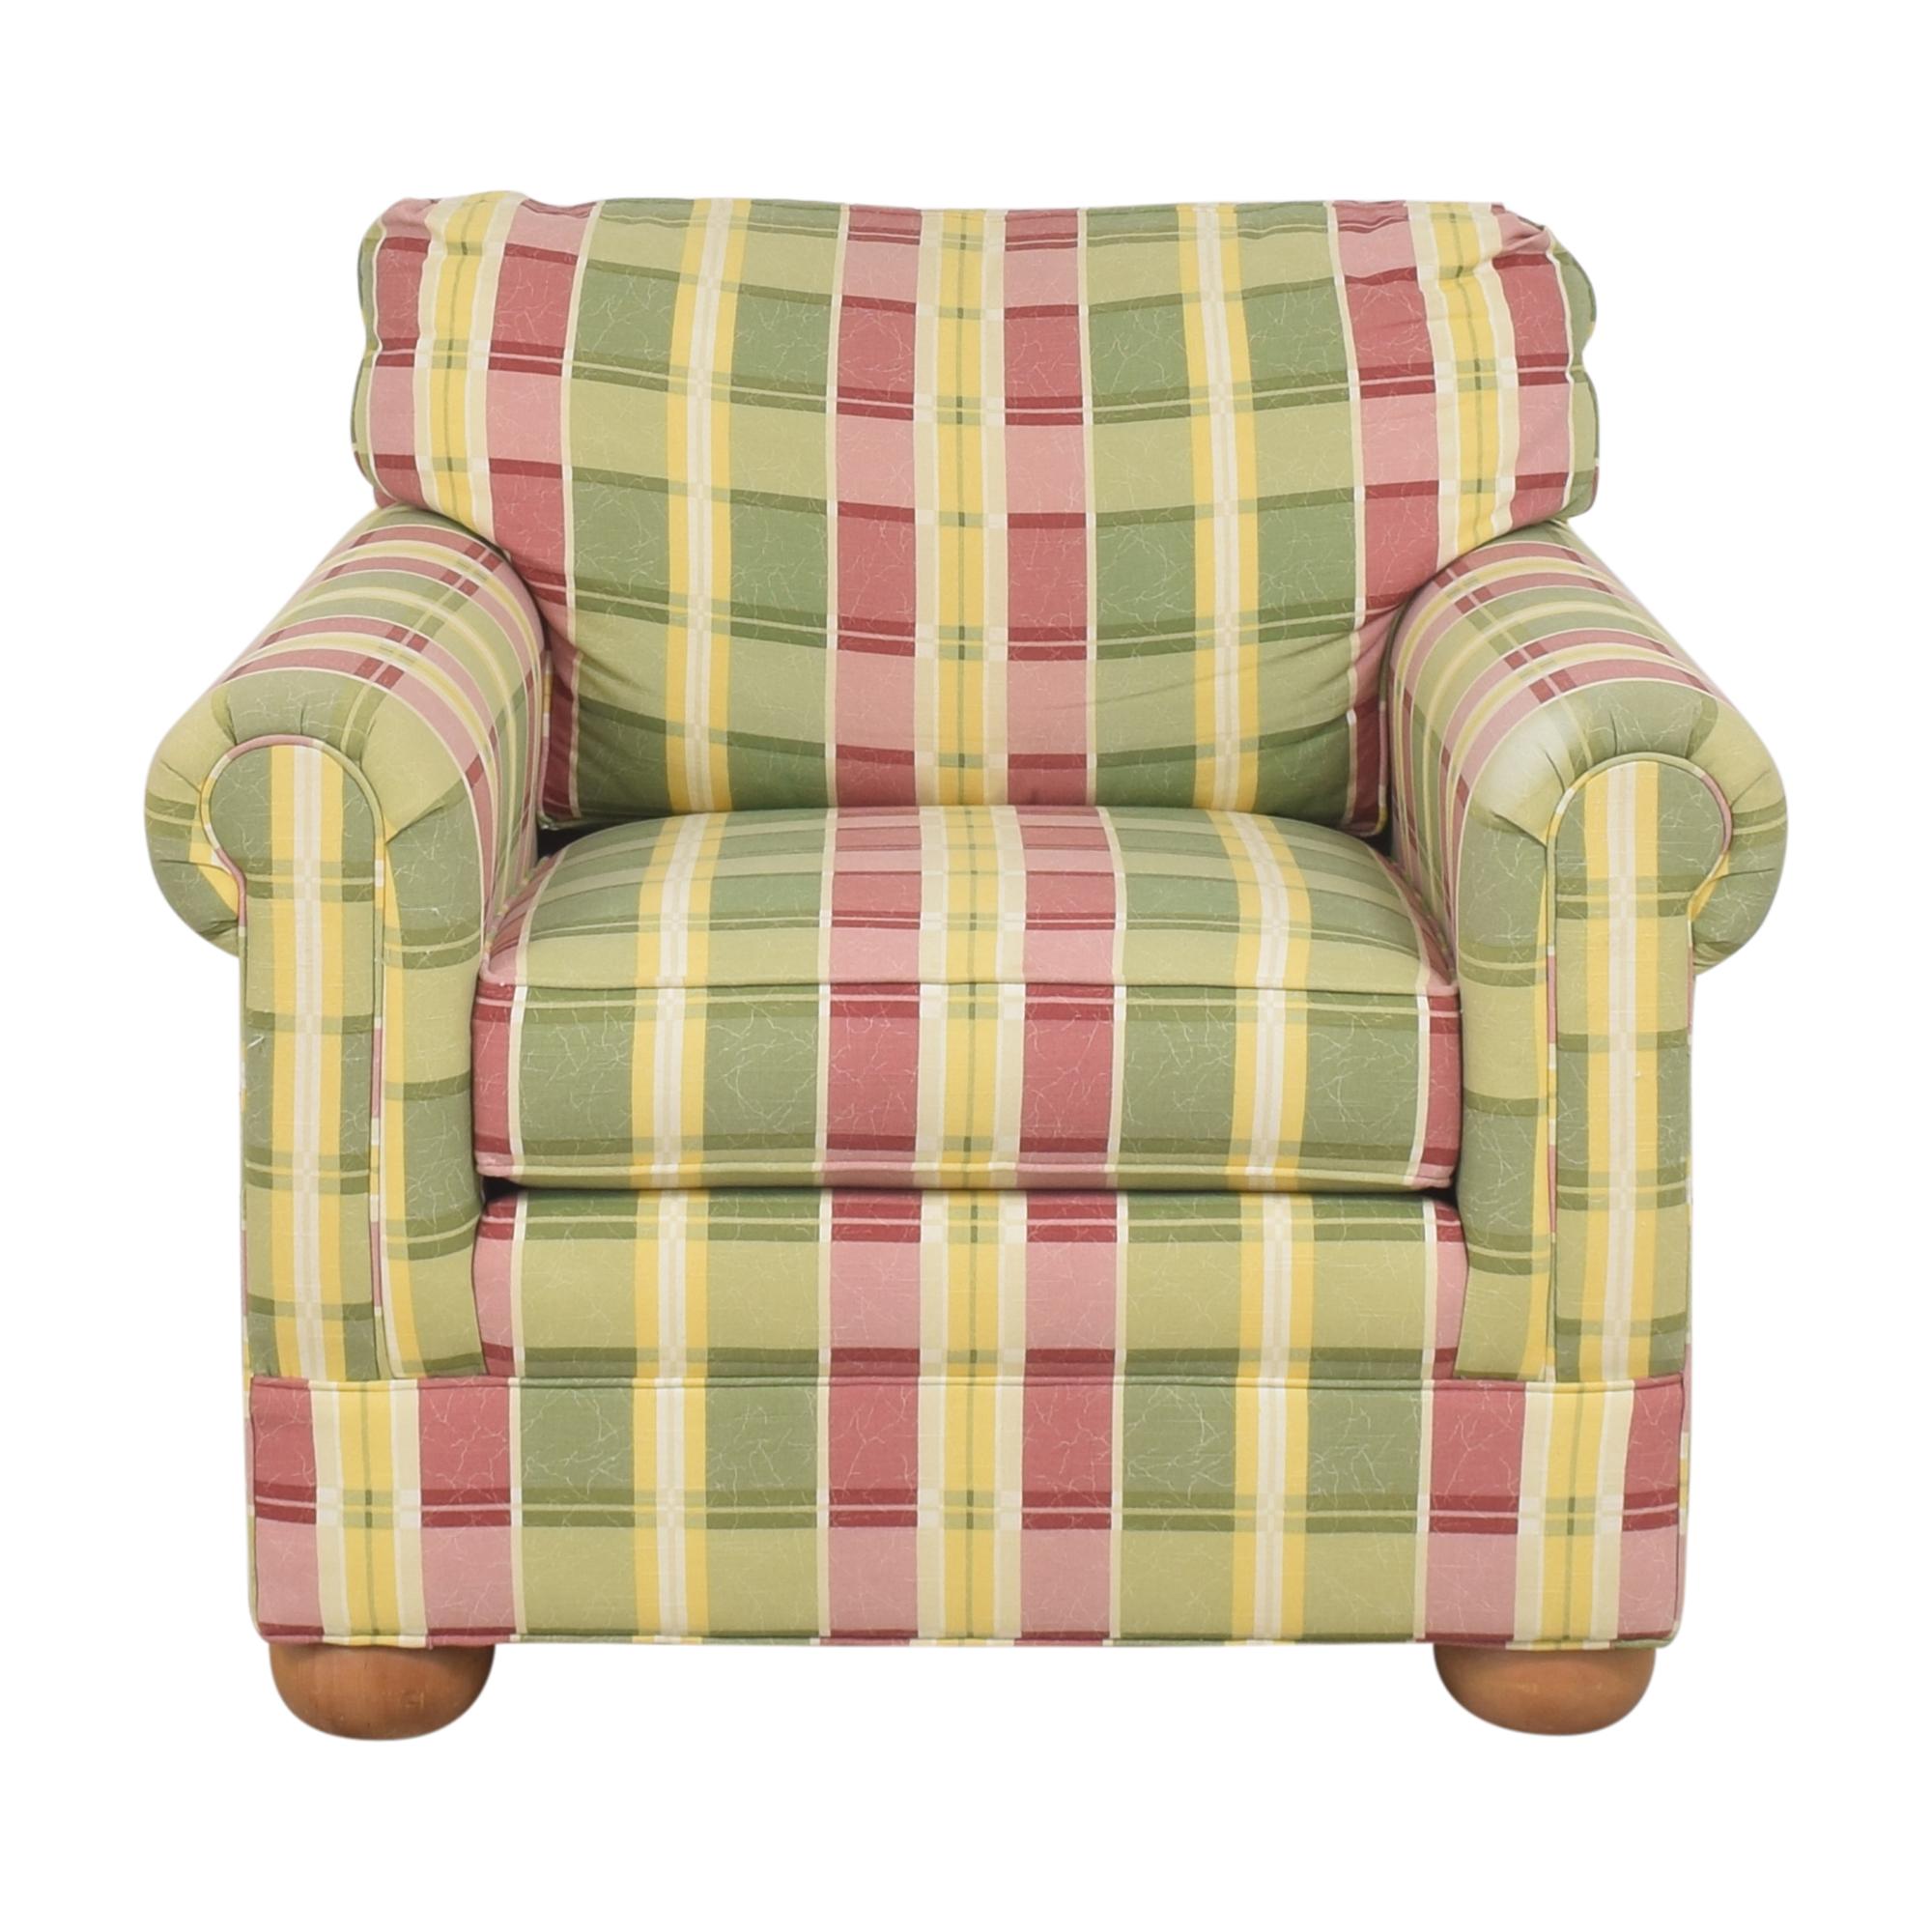 Ethan Allen Ethan Allen Plaid Club Chair discount